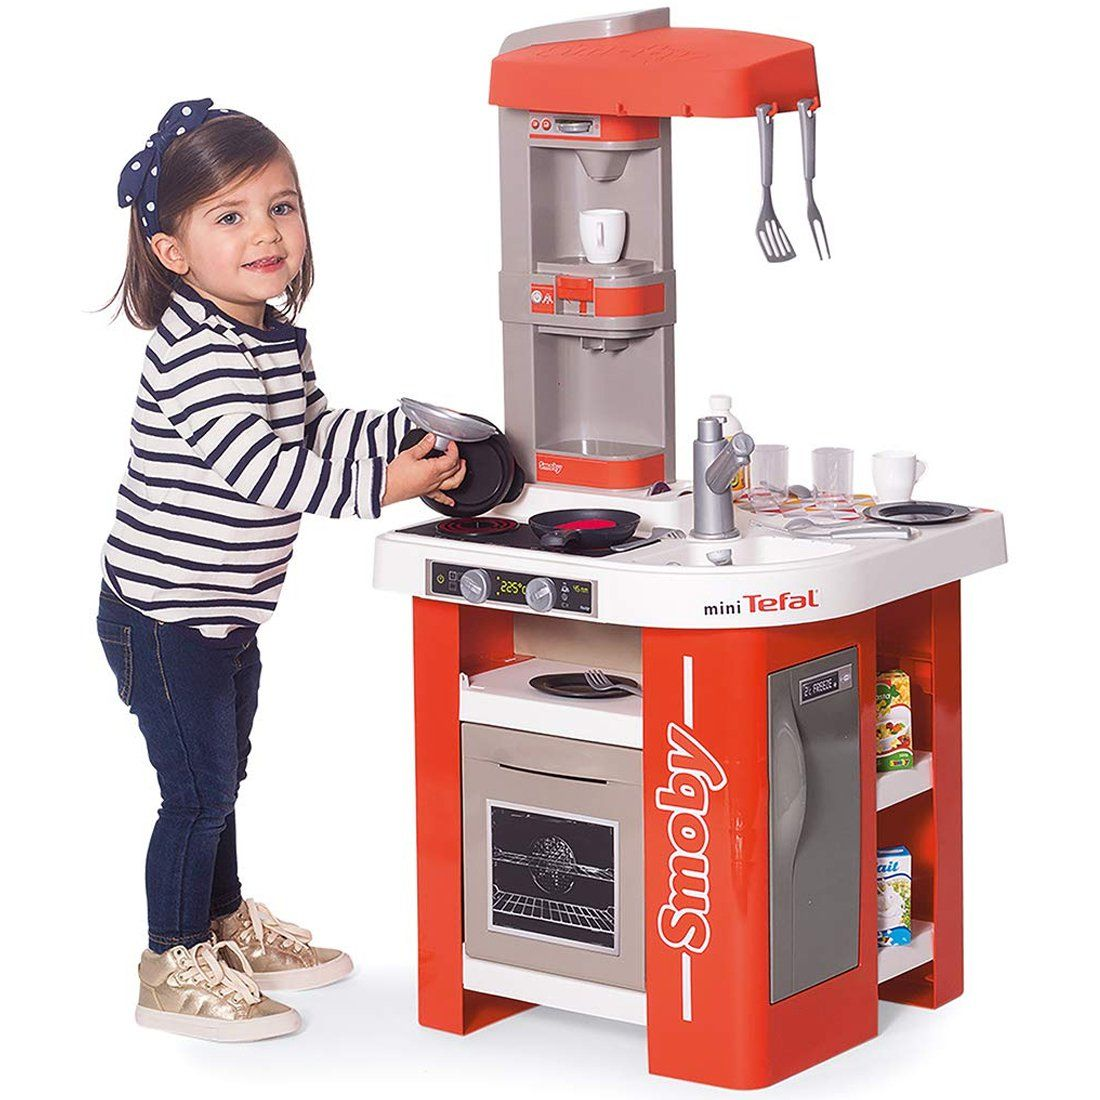 Duza Kuchnia Dla Dzieci 27 Akc Tefal Studio Smoby Brykacze Pl Internetowy Sklep Z Zabawkami Dla Dzieci Kids Kitchen Studio Kitchen Best Play Kitchen